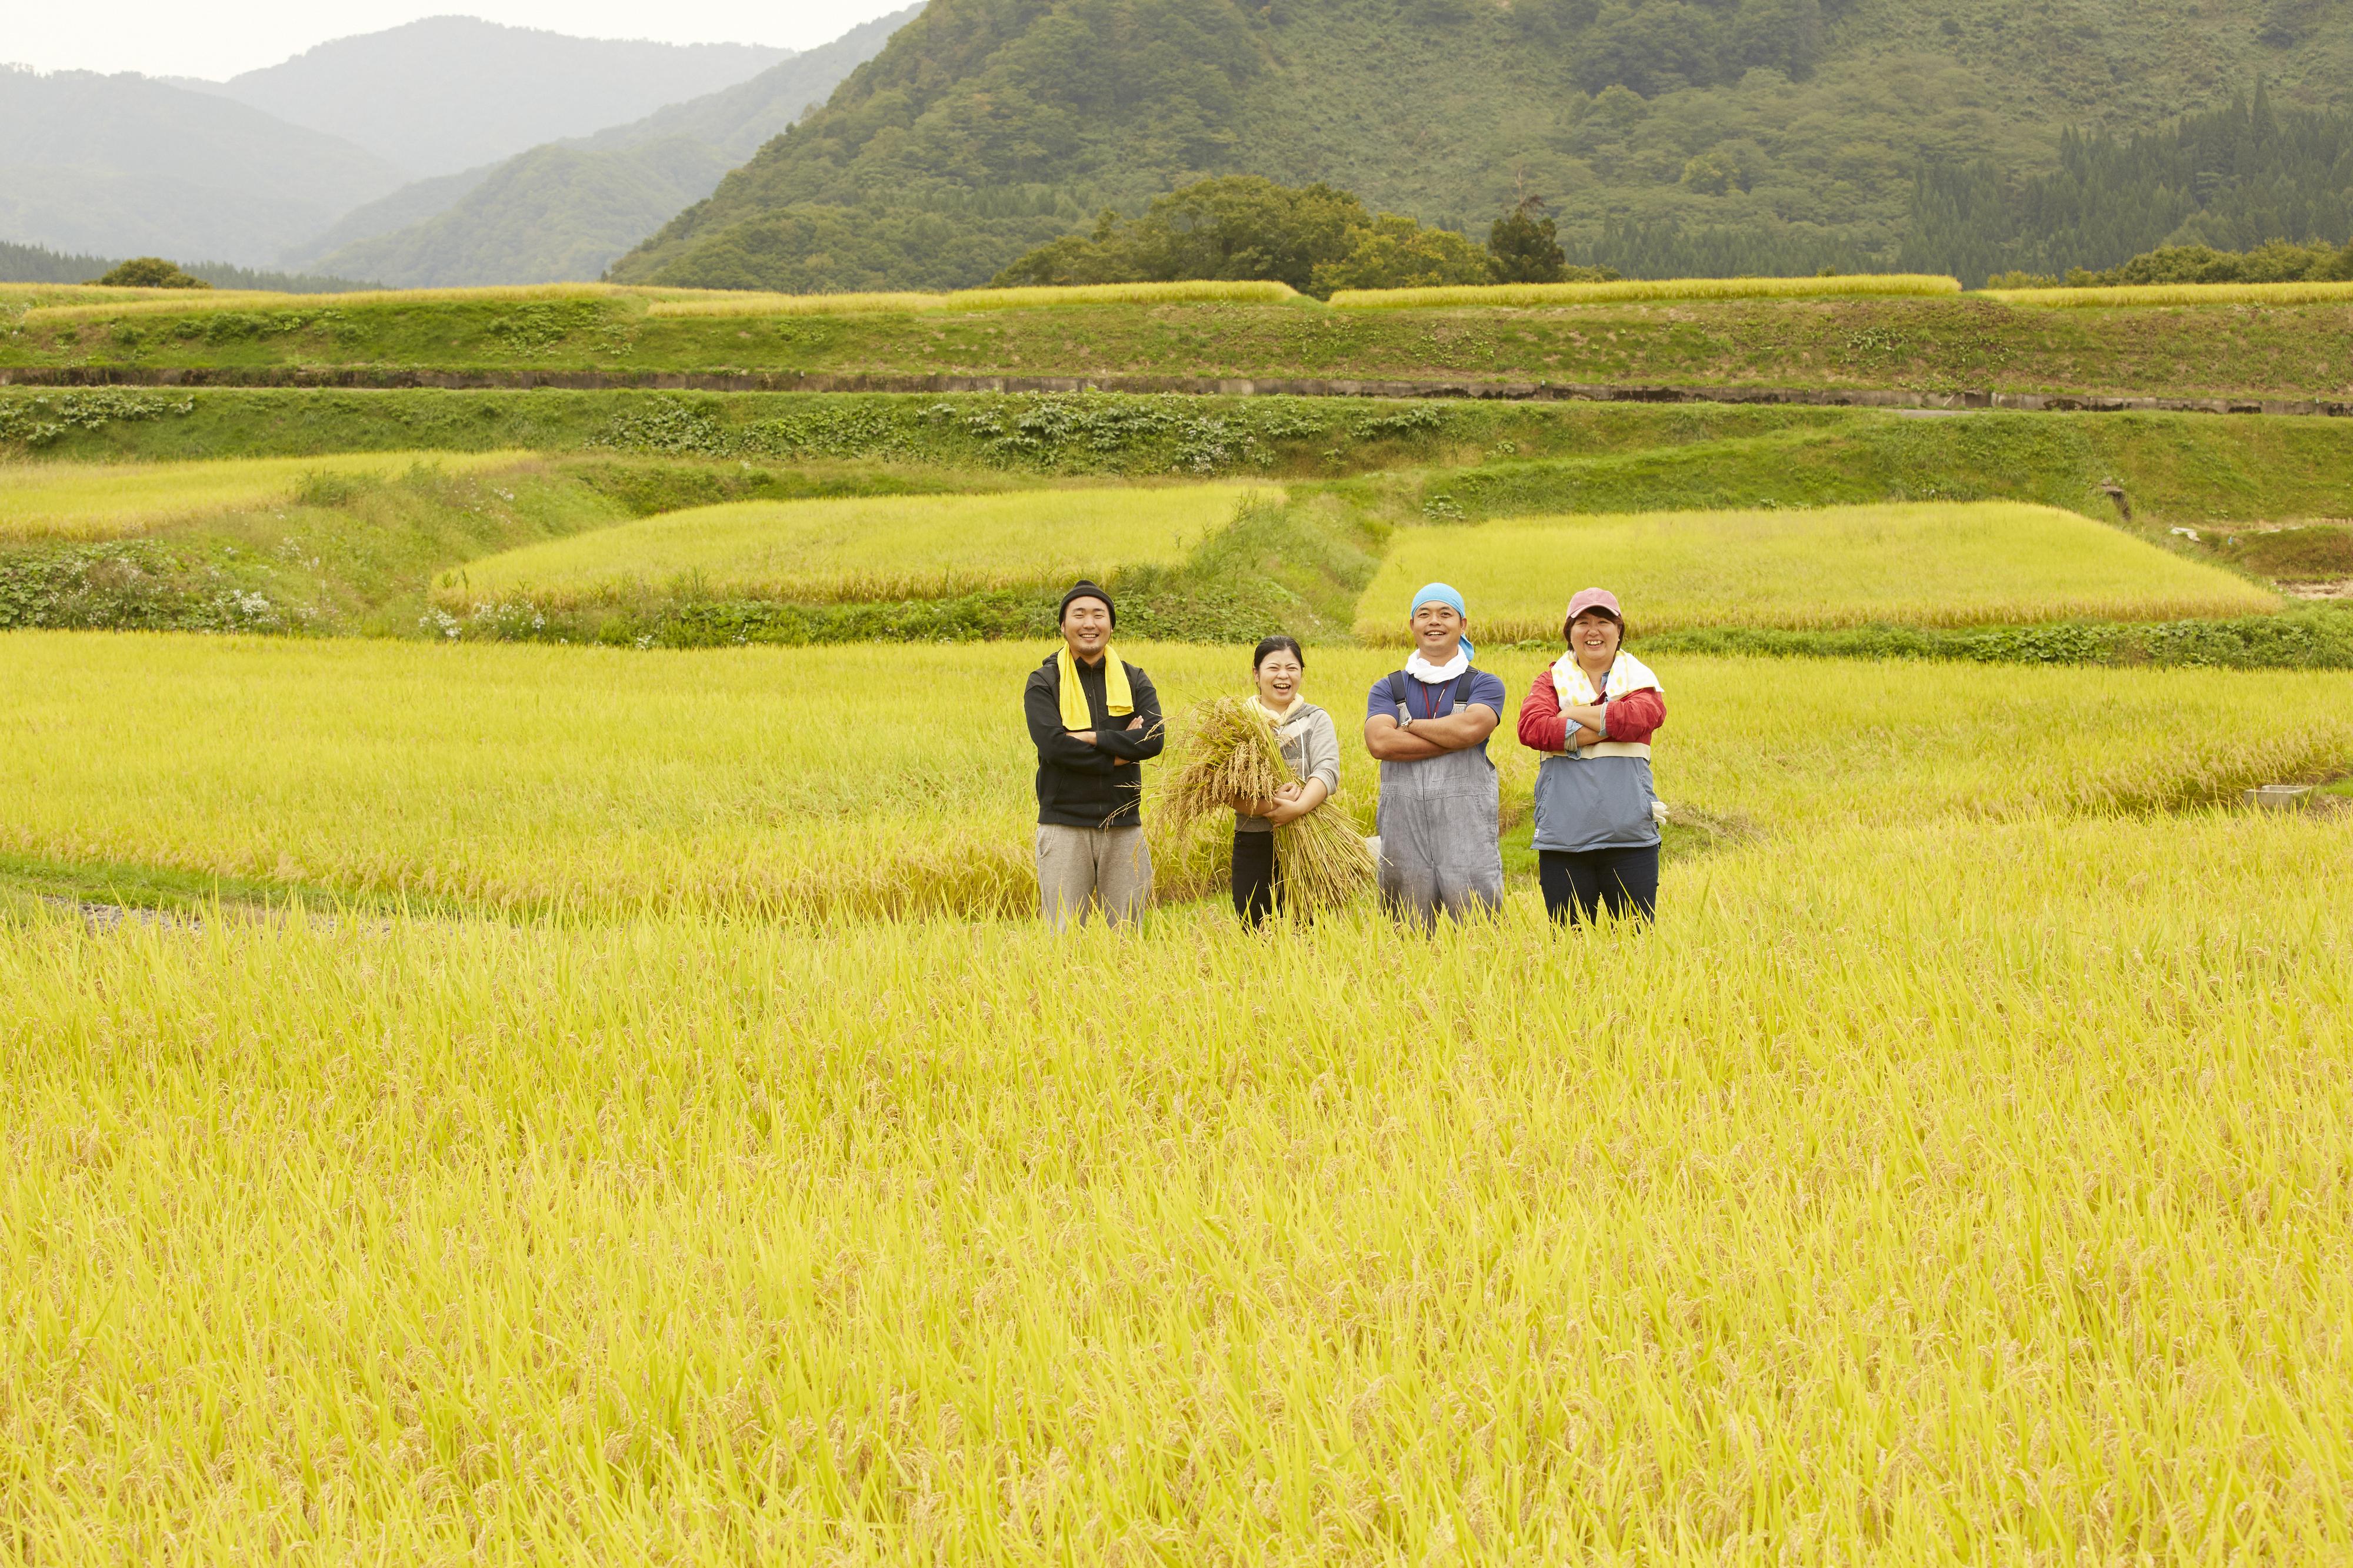 JA(農業協同組合)の役割と融資の使い方